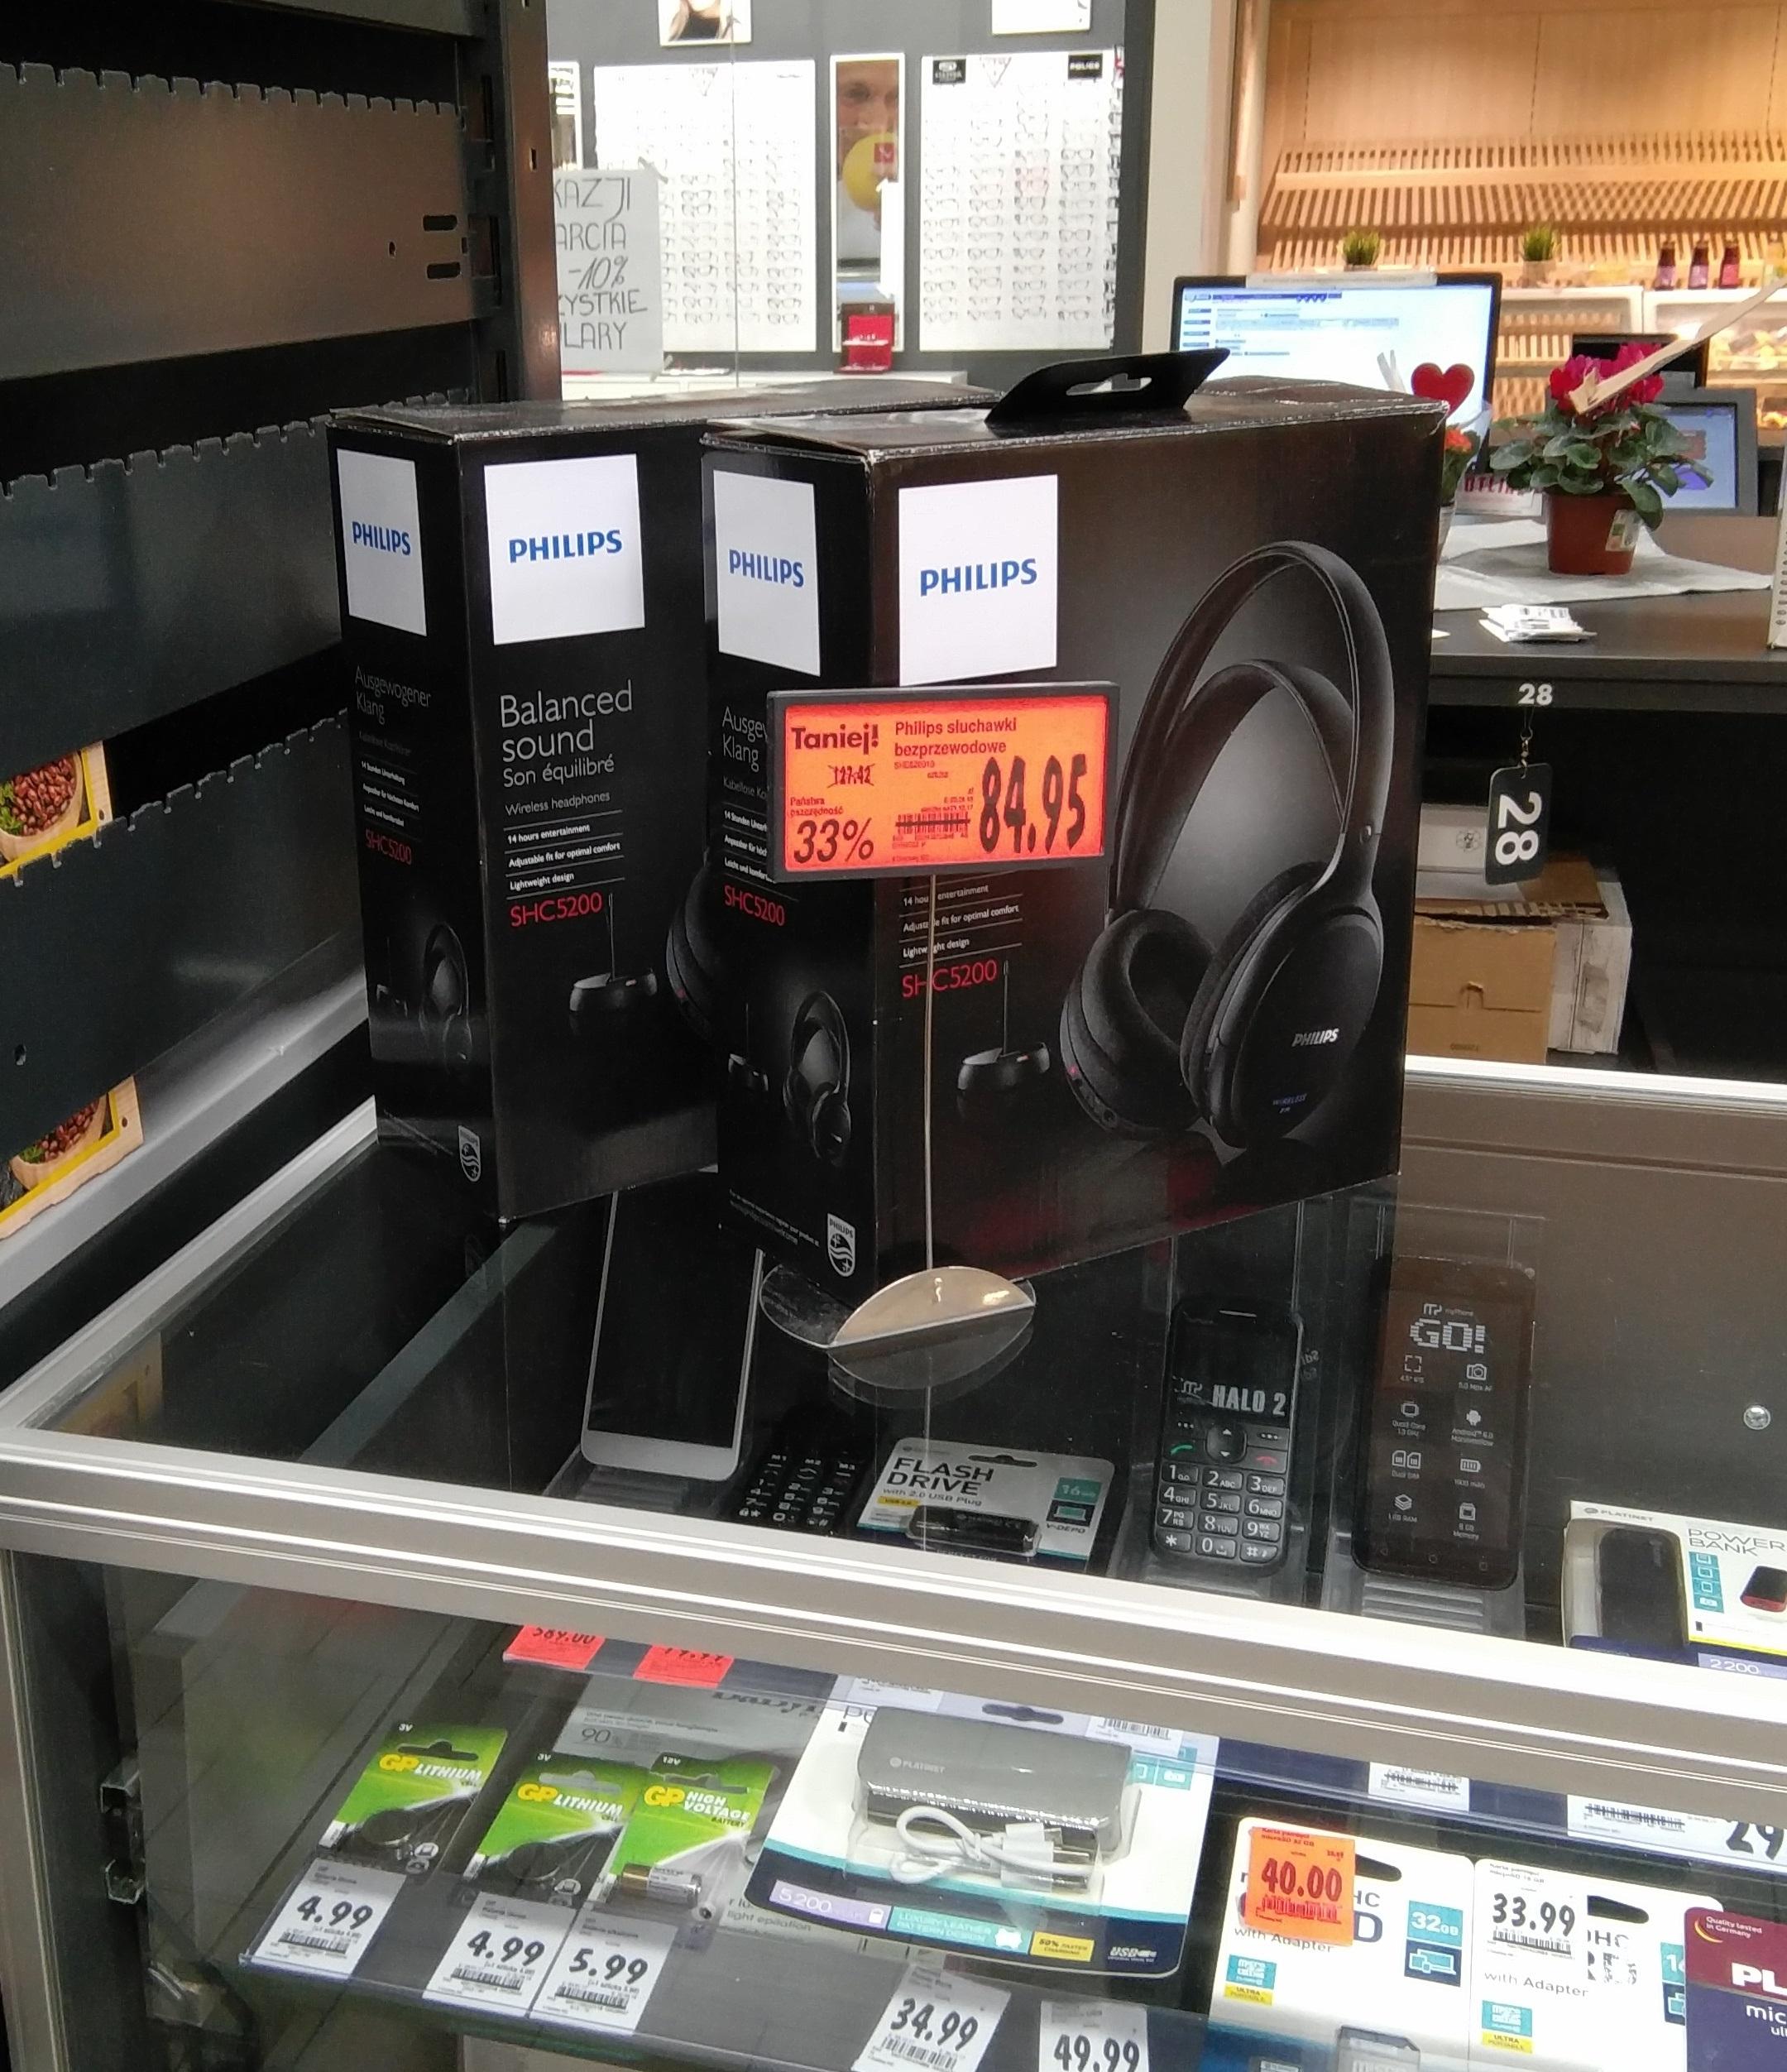 Słuchawki bezprzewodowe Philips SHC5200 - Kaufland